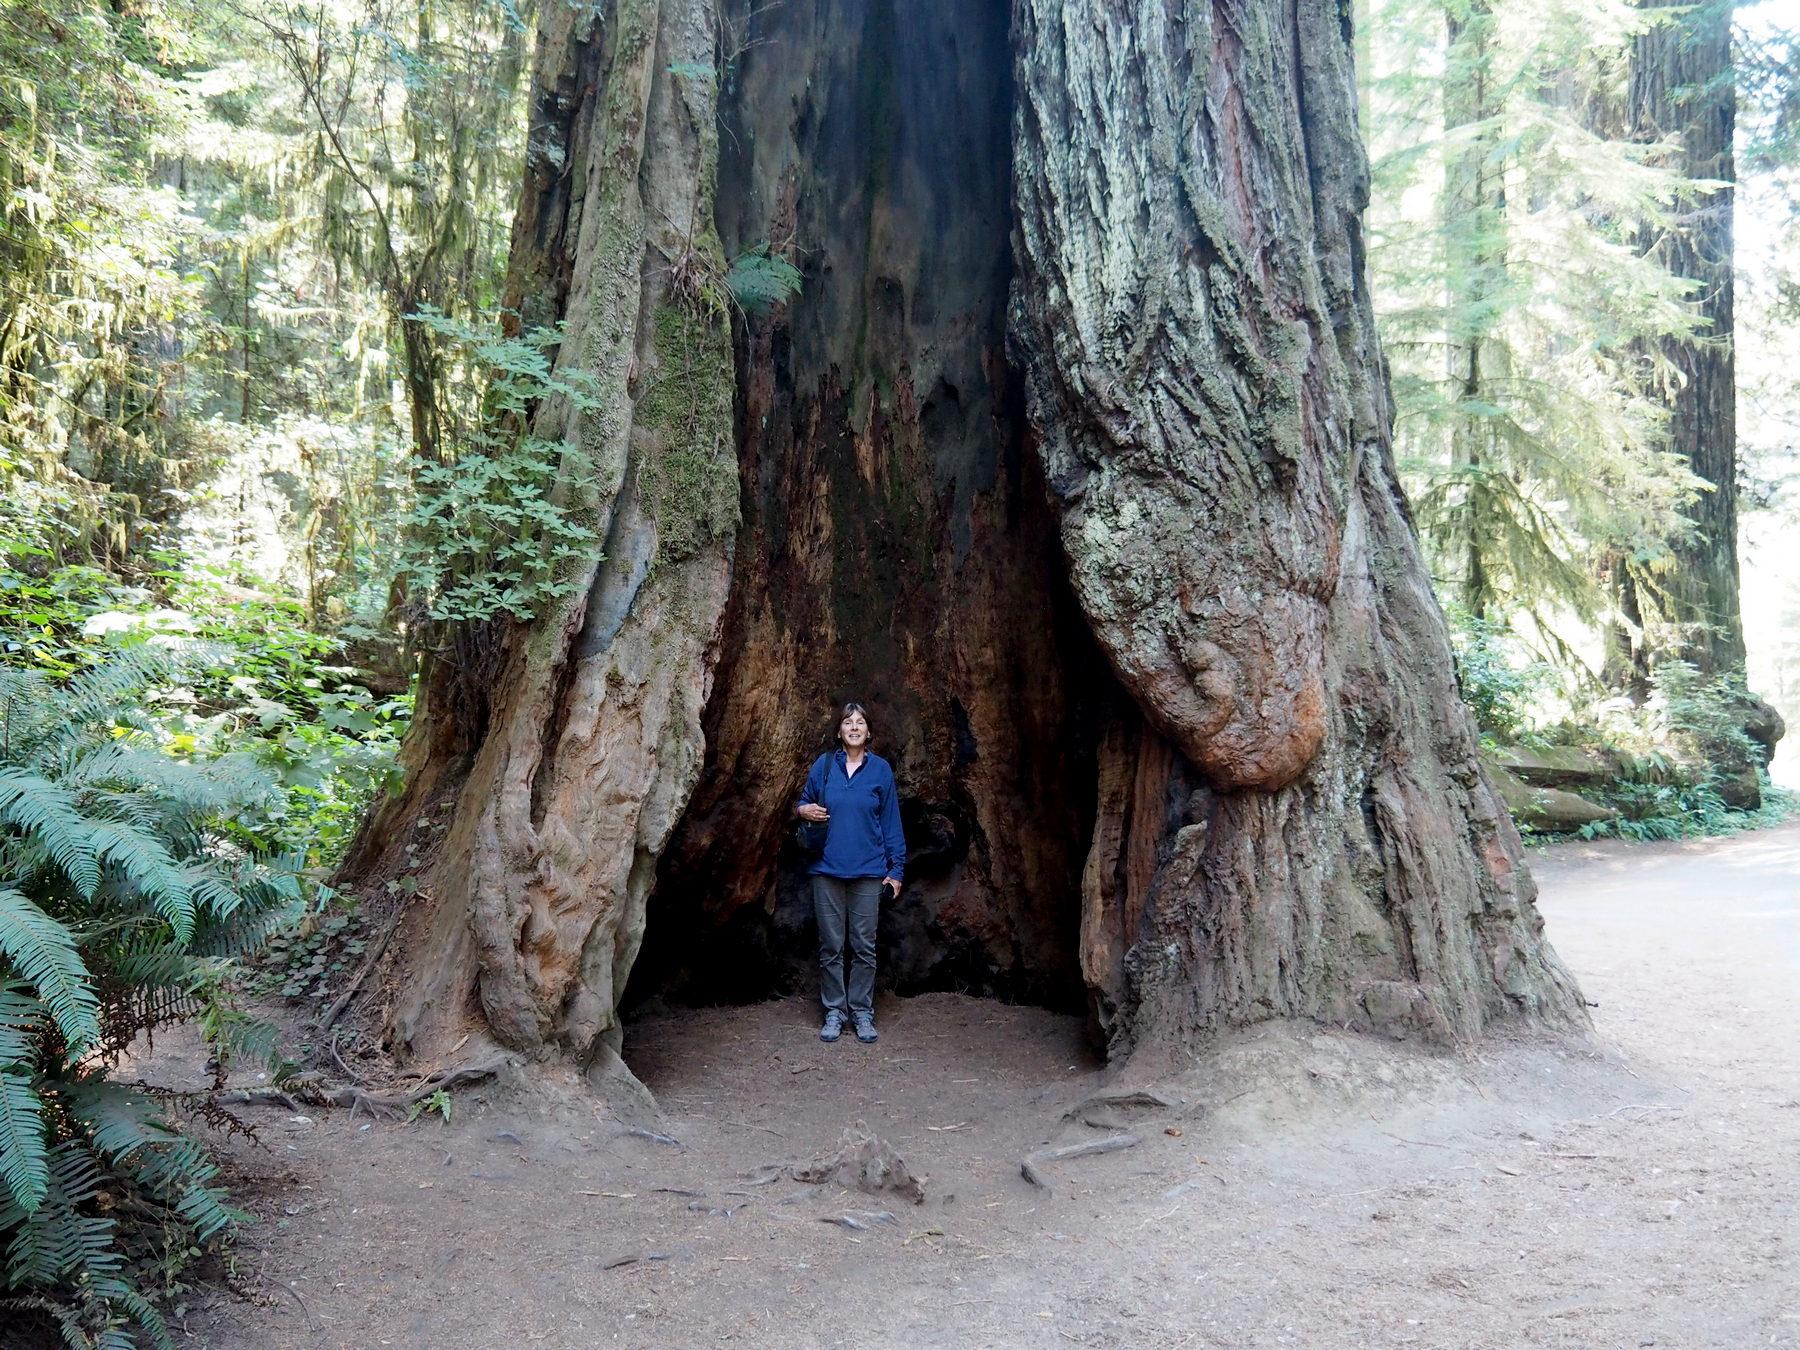 Monika im Baum